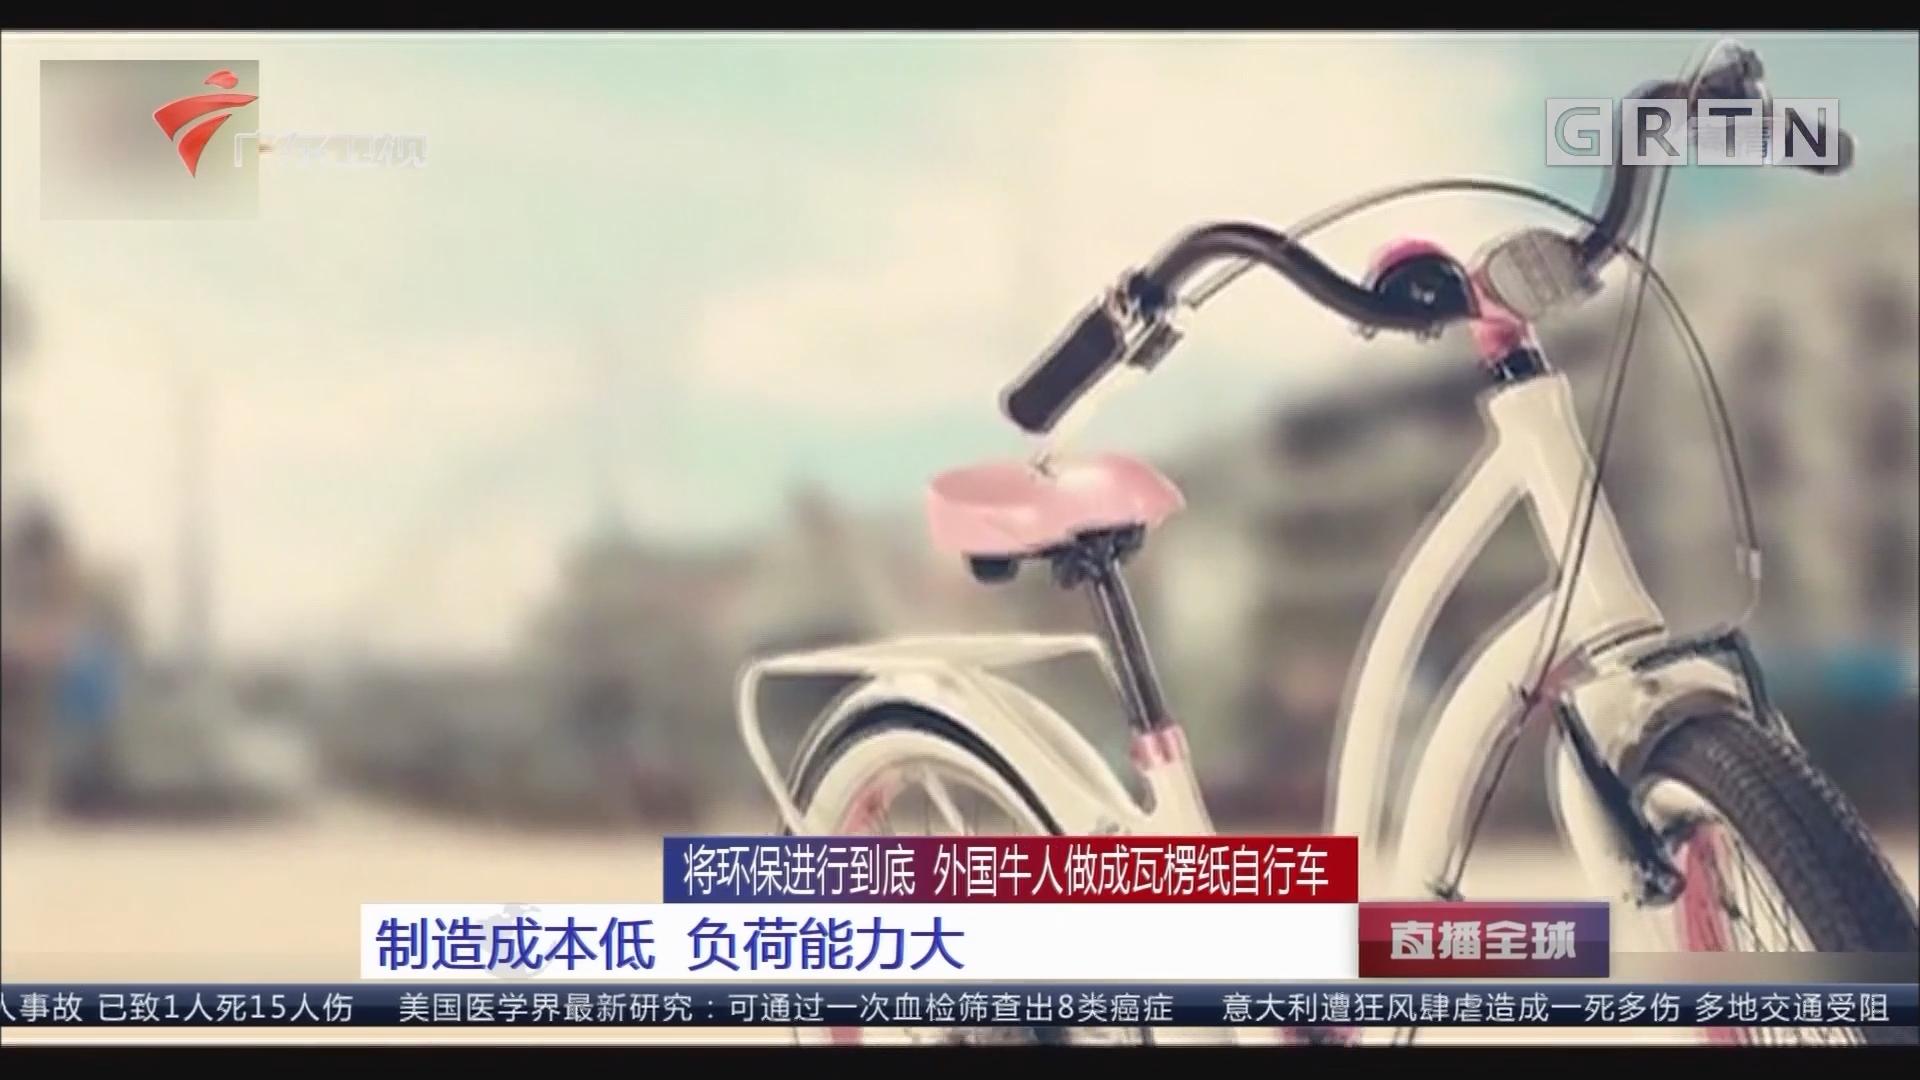 将环保进行到底 外国牛人做成瓦楞纸自行车 制造成本低 负荷能力大